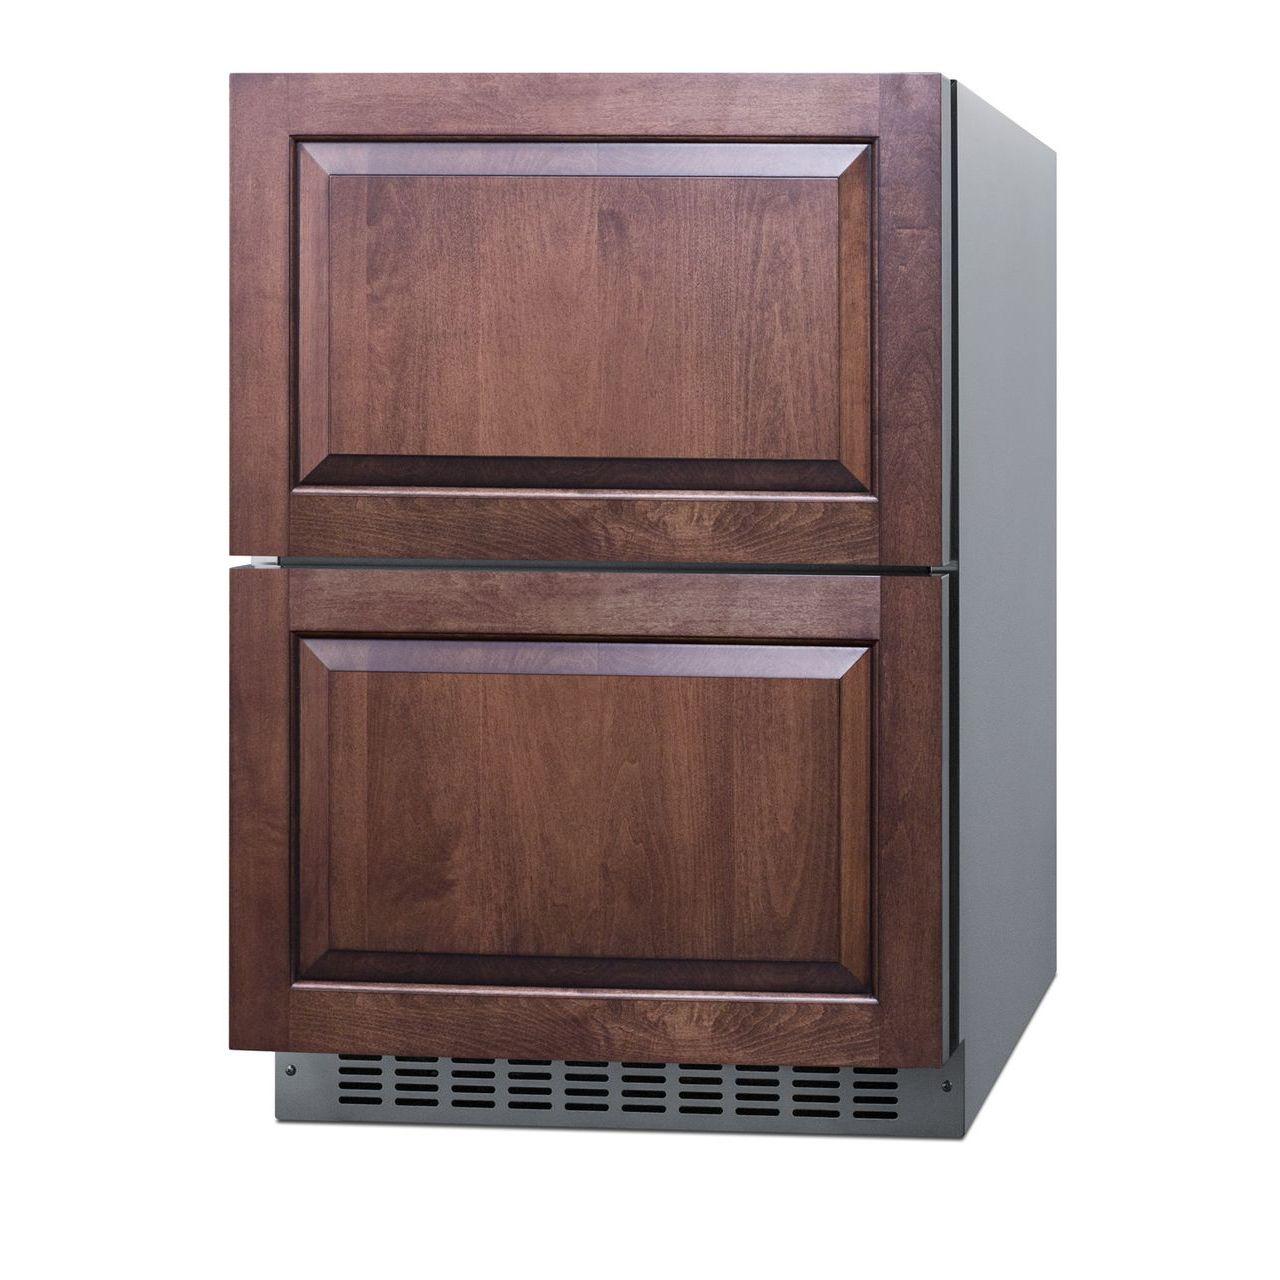 """Summit 24"""" Wide 2-Drawer Refrigerator/Freezer - Stainless Steel"""